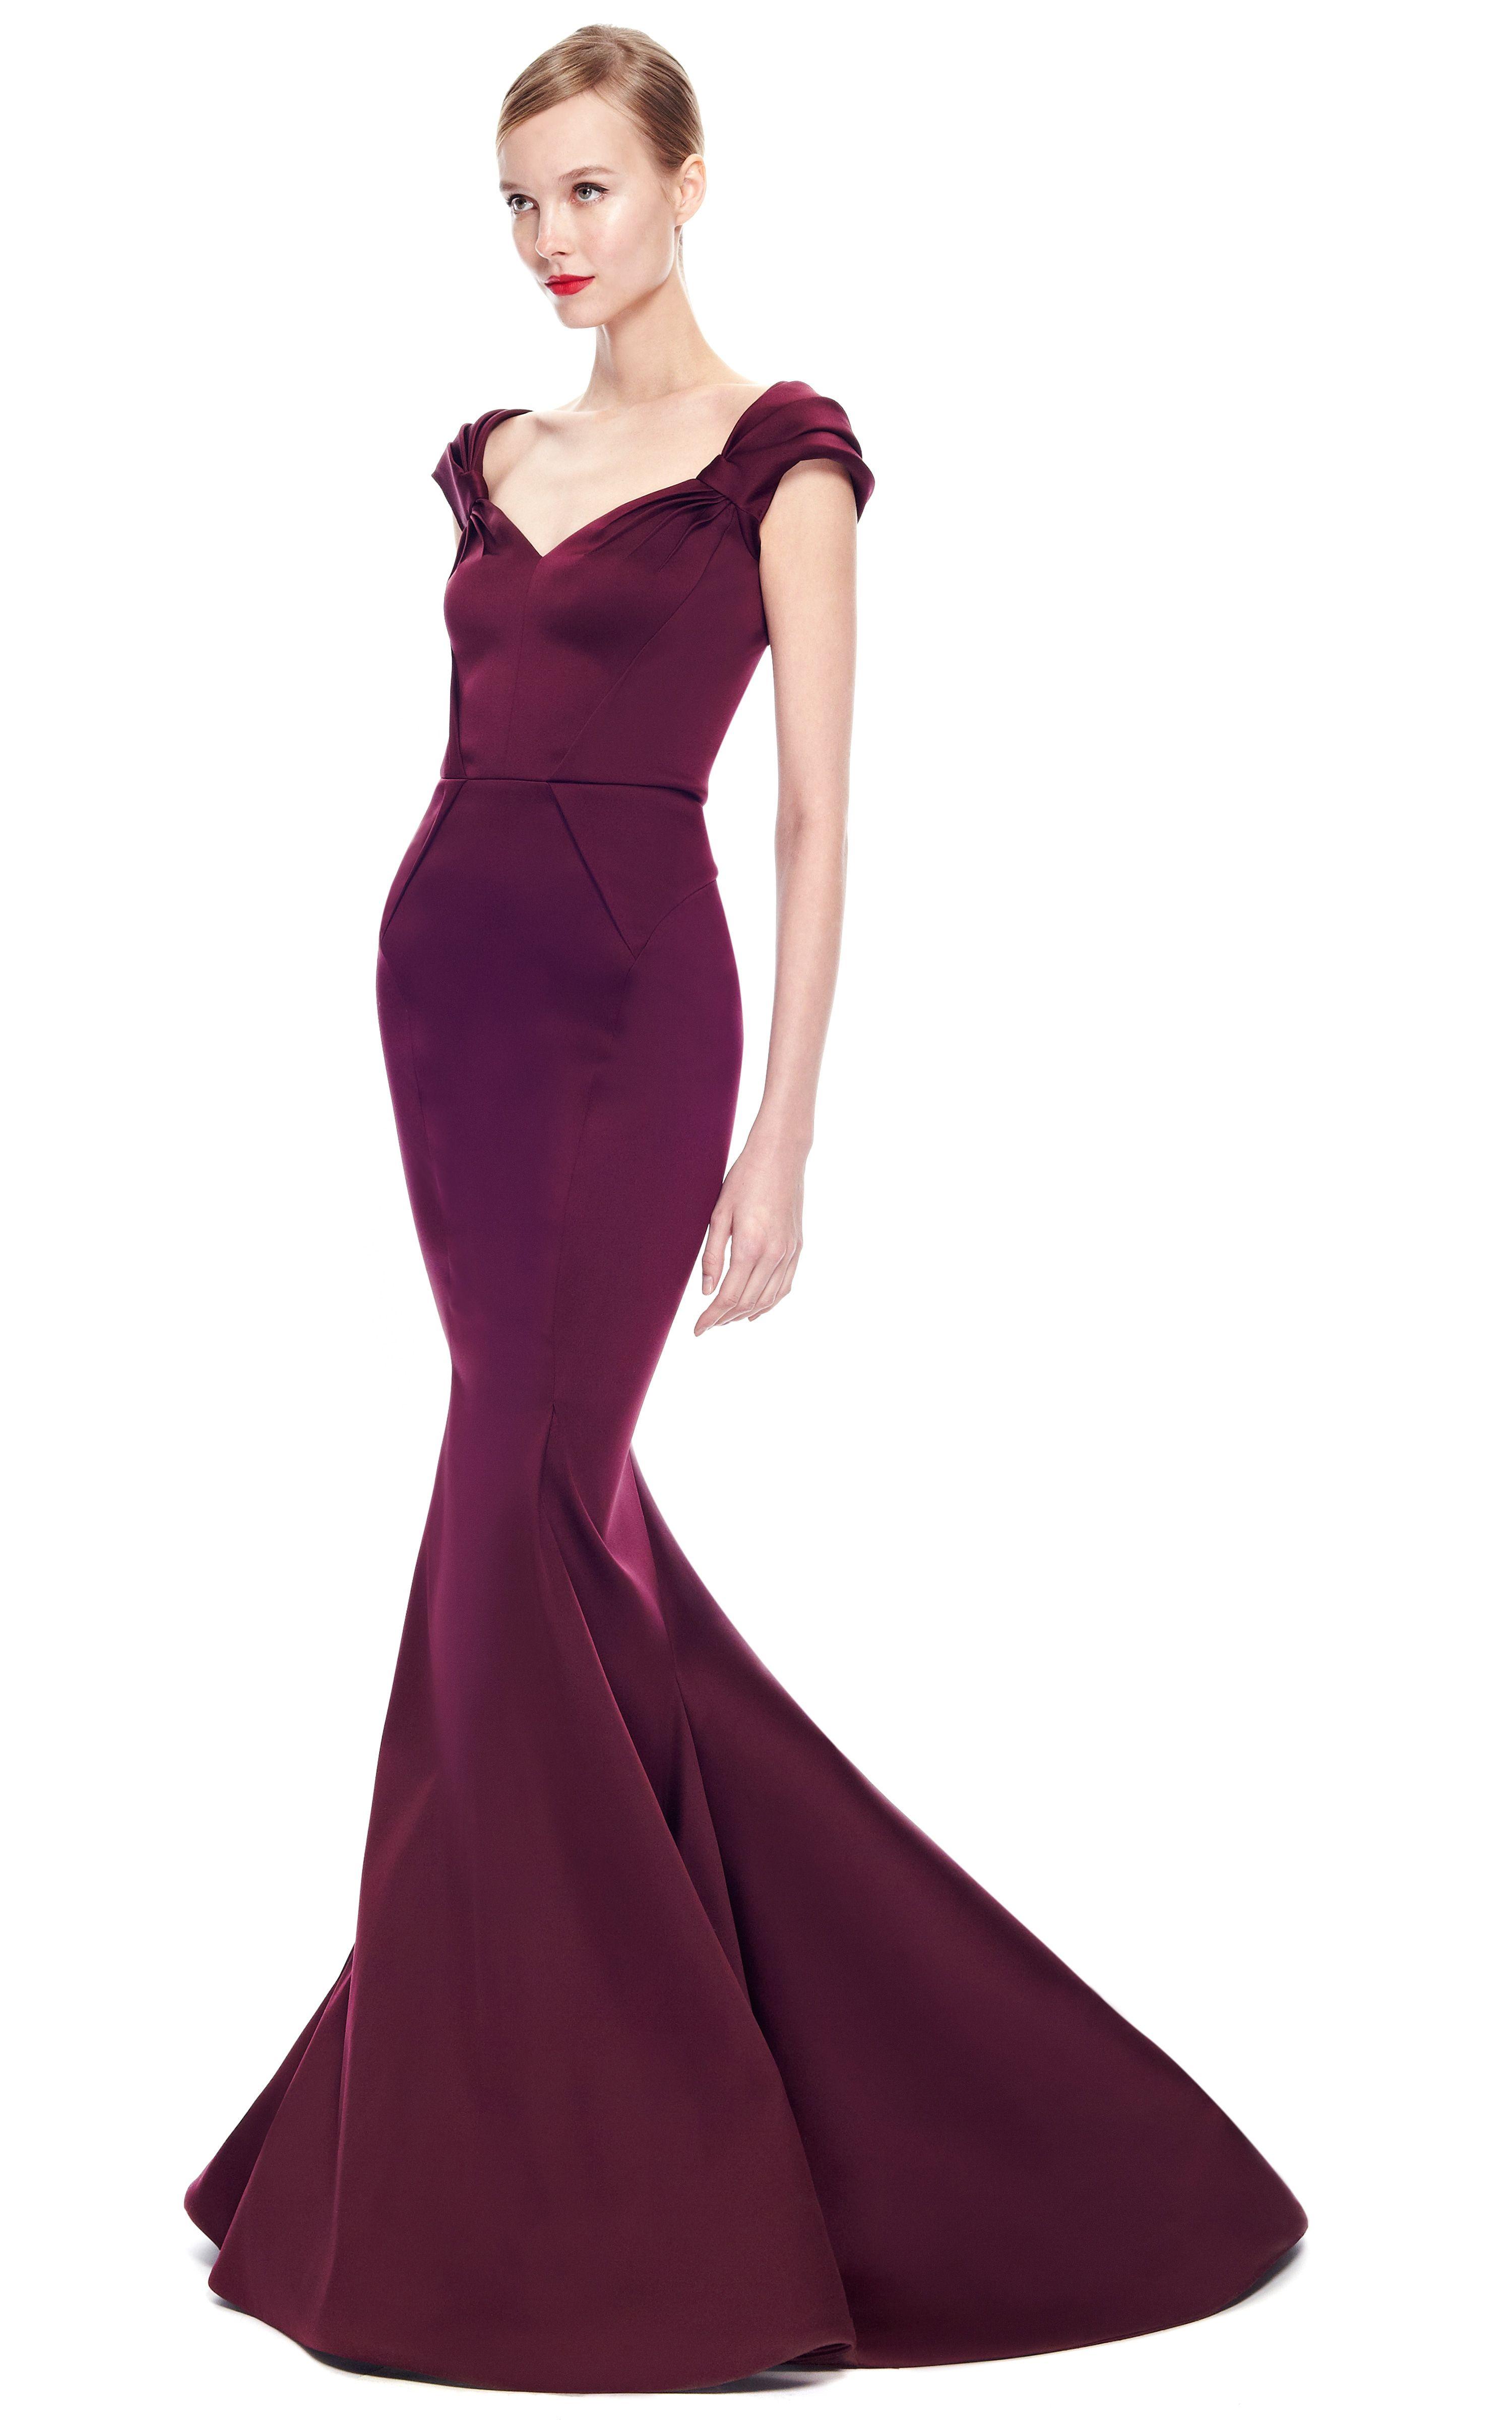 Womenus purple stretch duchess offtheshoulder gown fashion